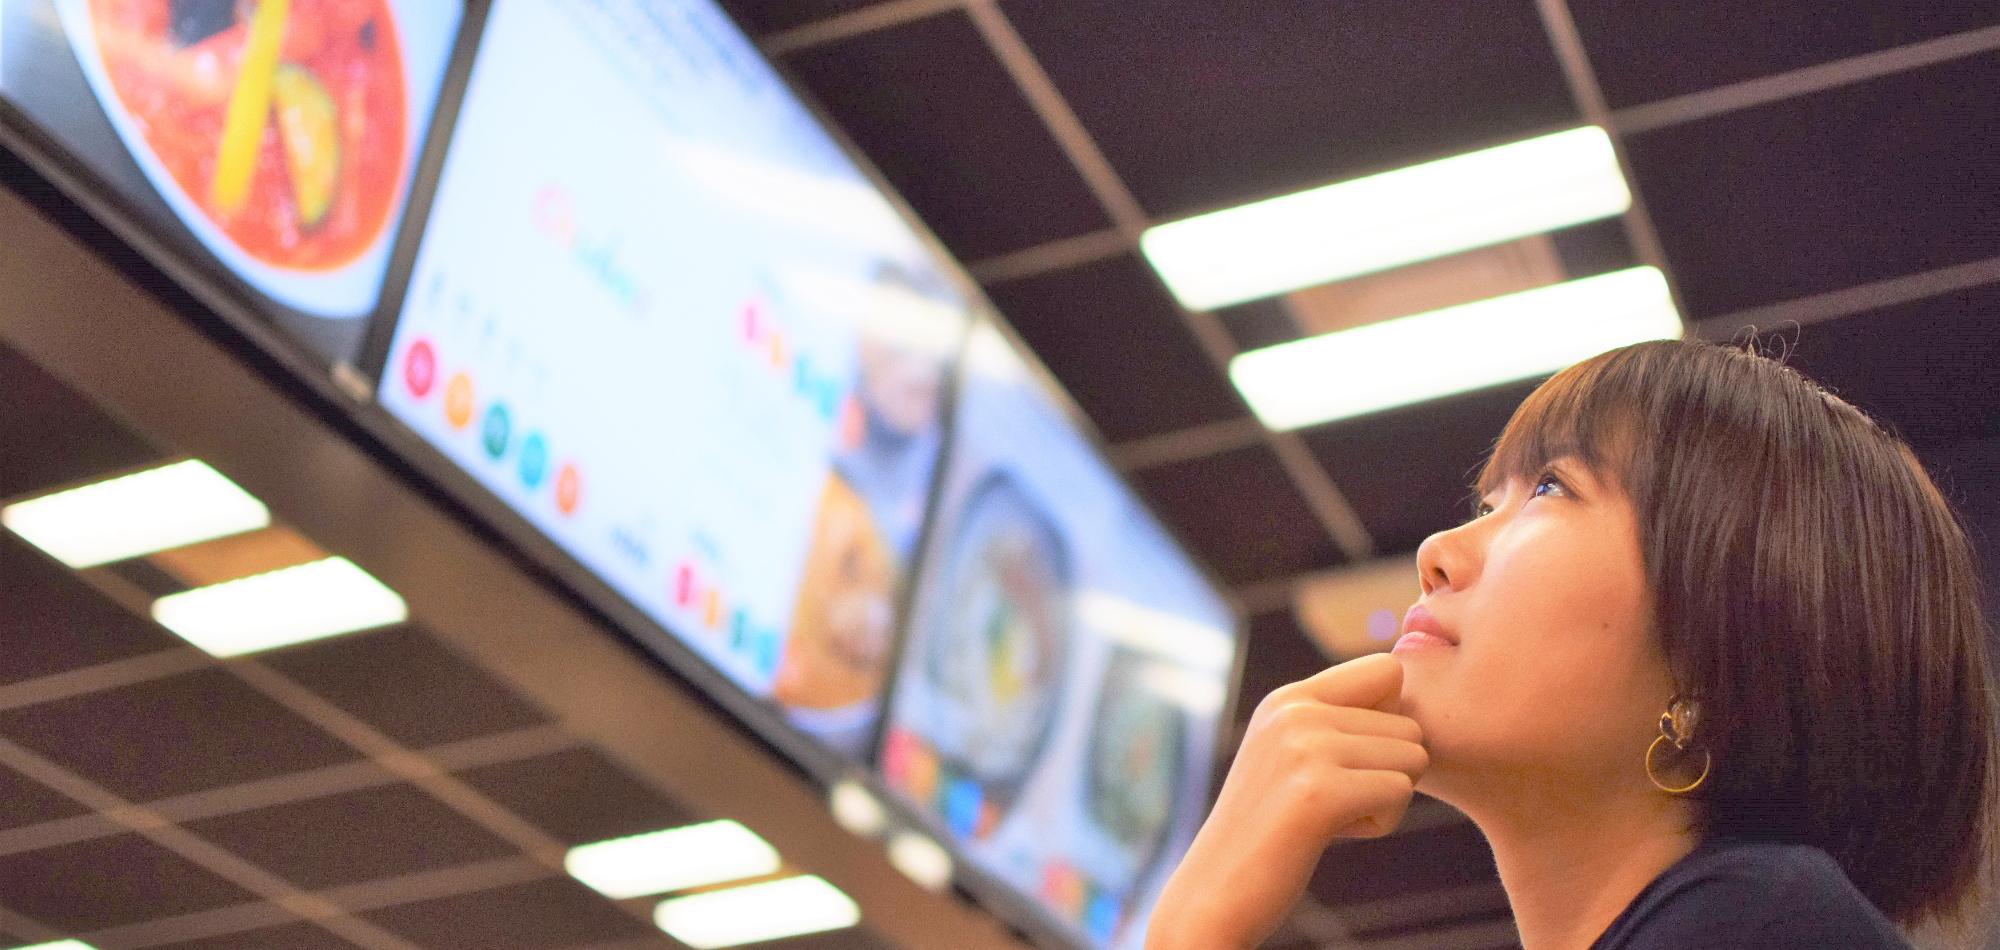 2019年新卒入社のいっしきさえが社食でメニューを見ている画像